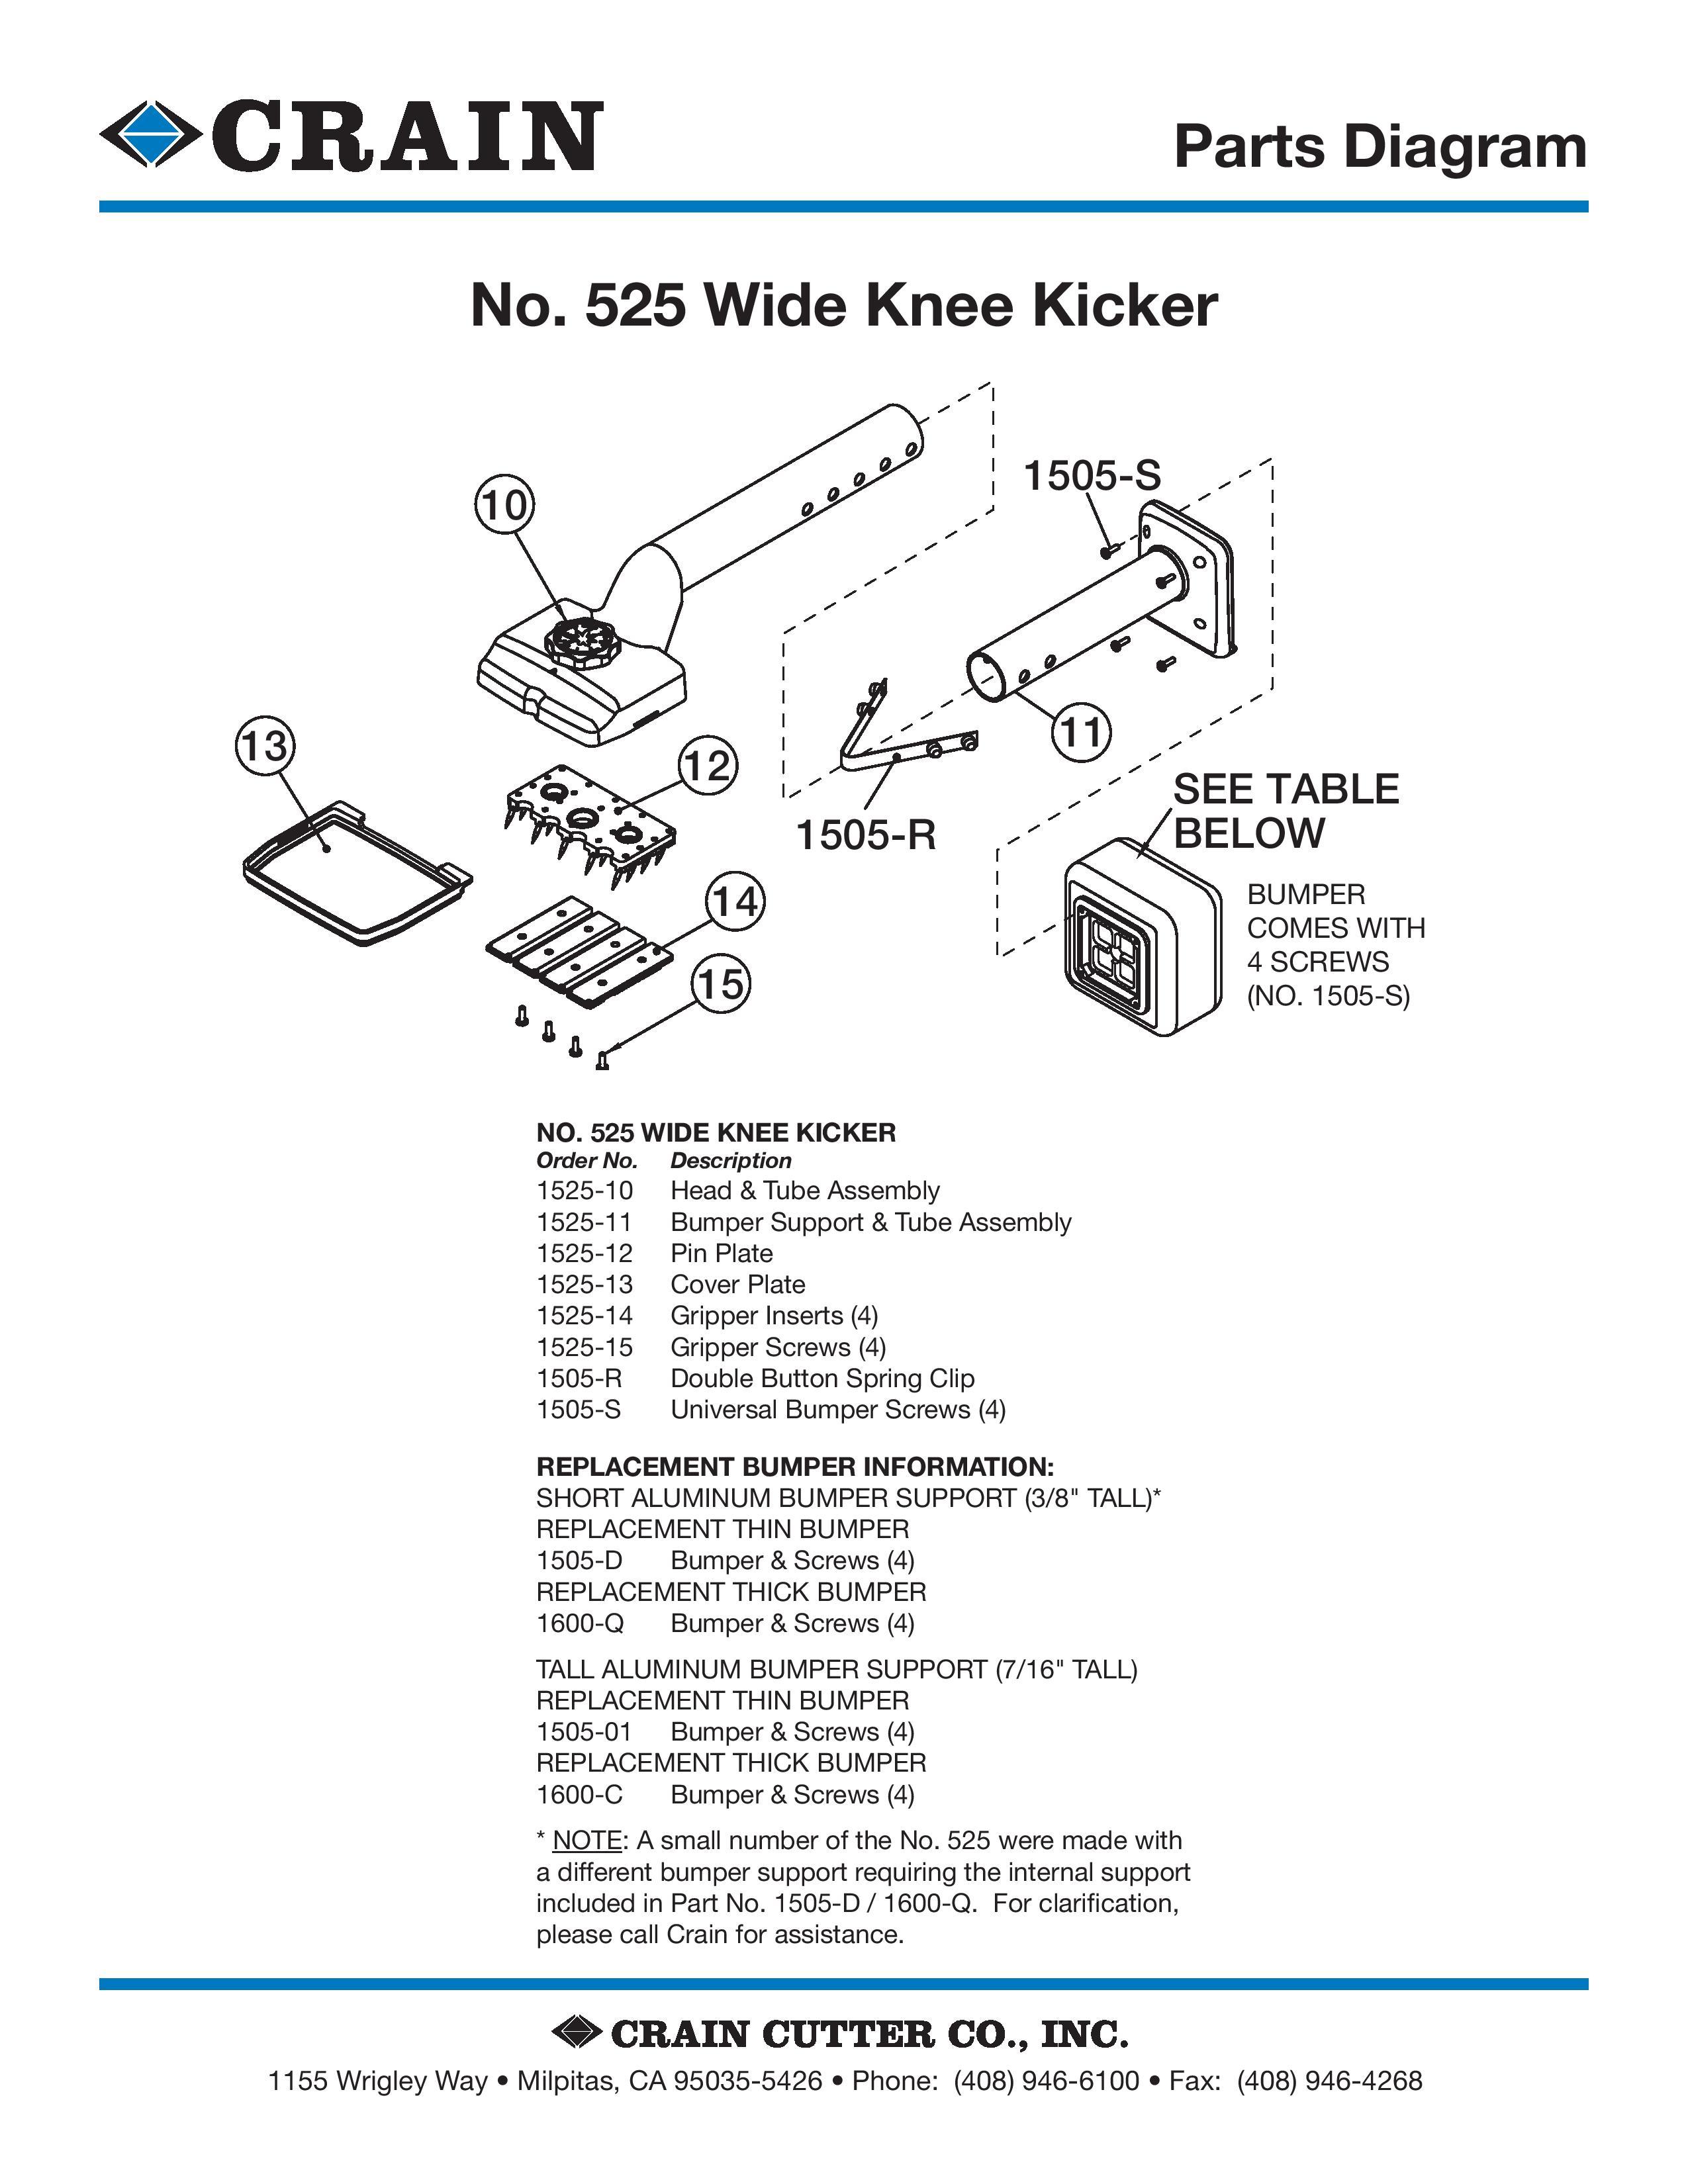 525 Wide Knee Kicker